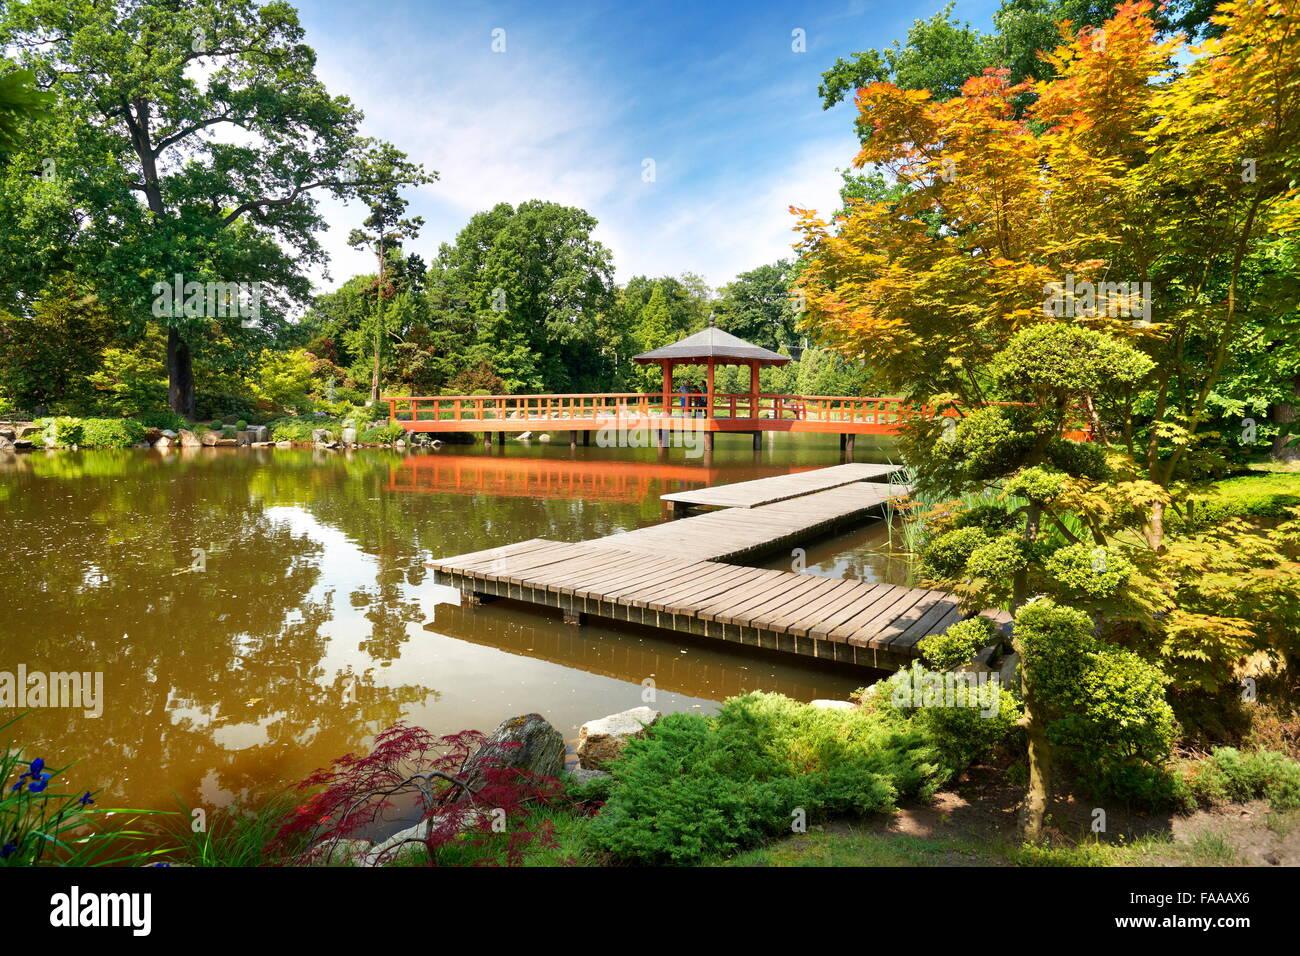 Wroclaw - Japanese Garden in Szczytnicki Park, Poland - Stock Image